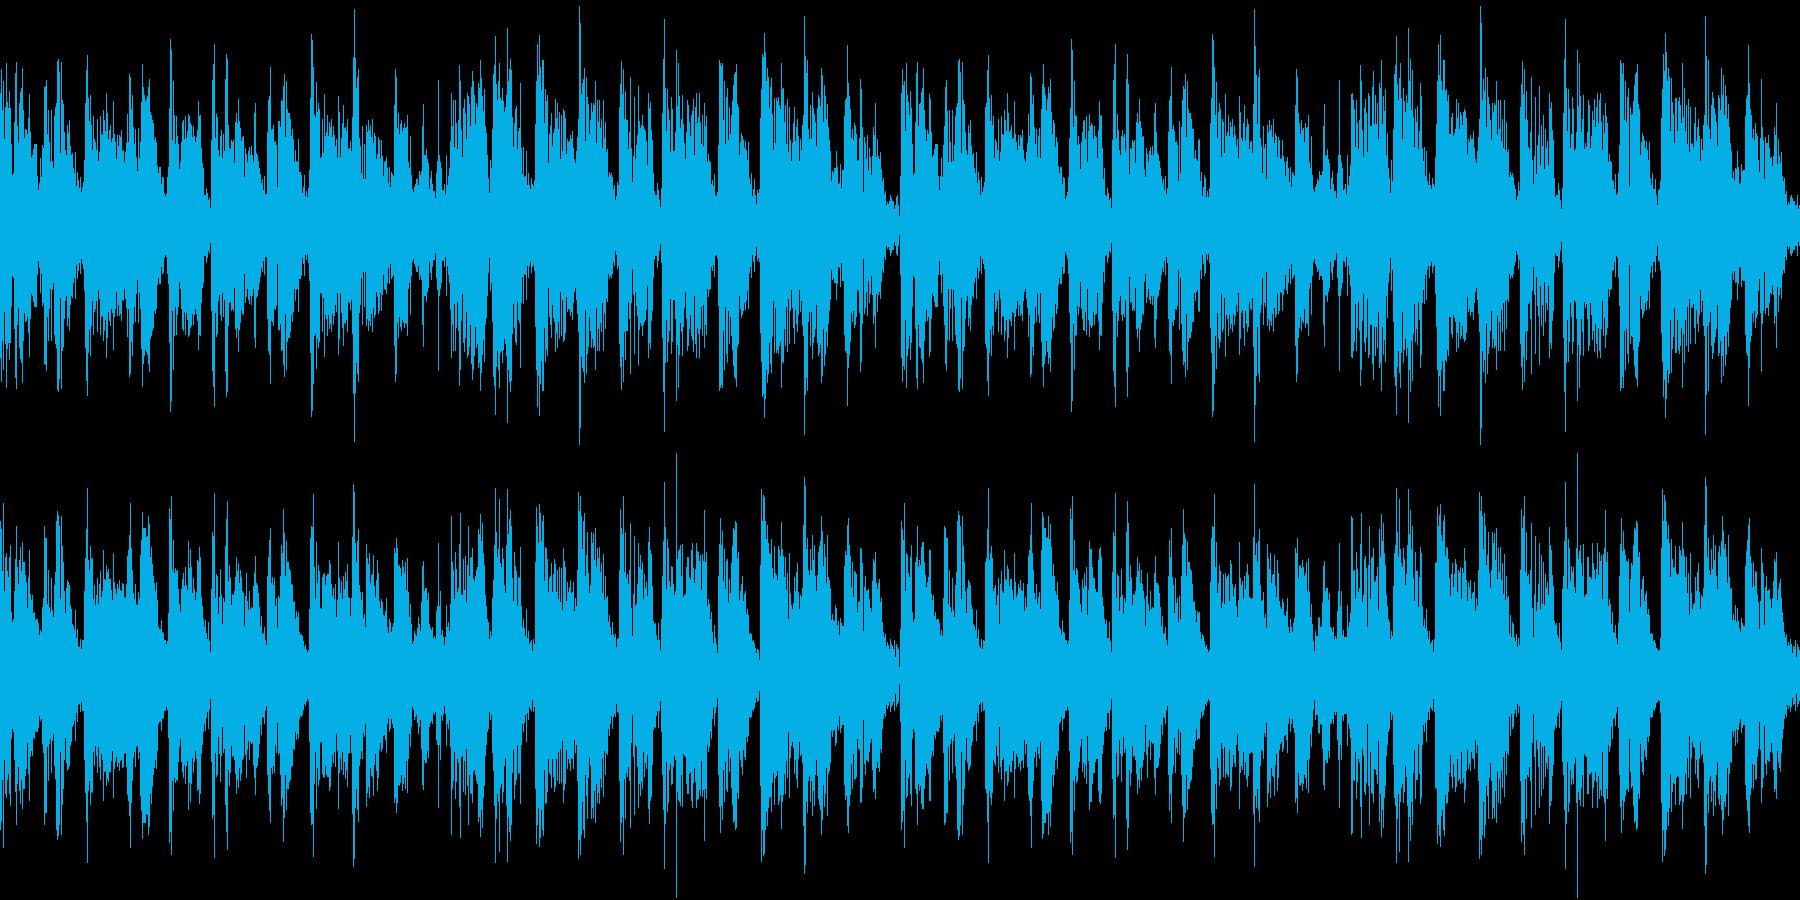 エレクトリックピアノが印象的なテクノの再生済みの波形